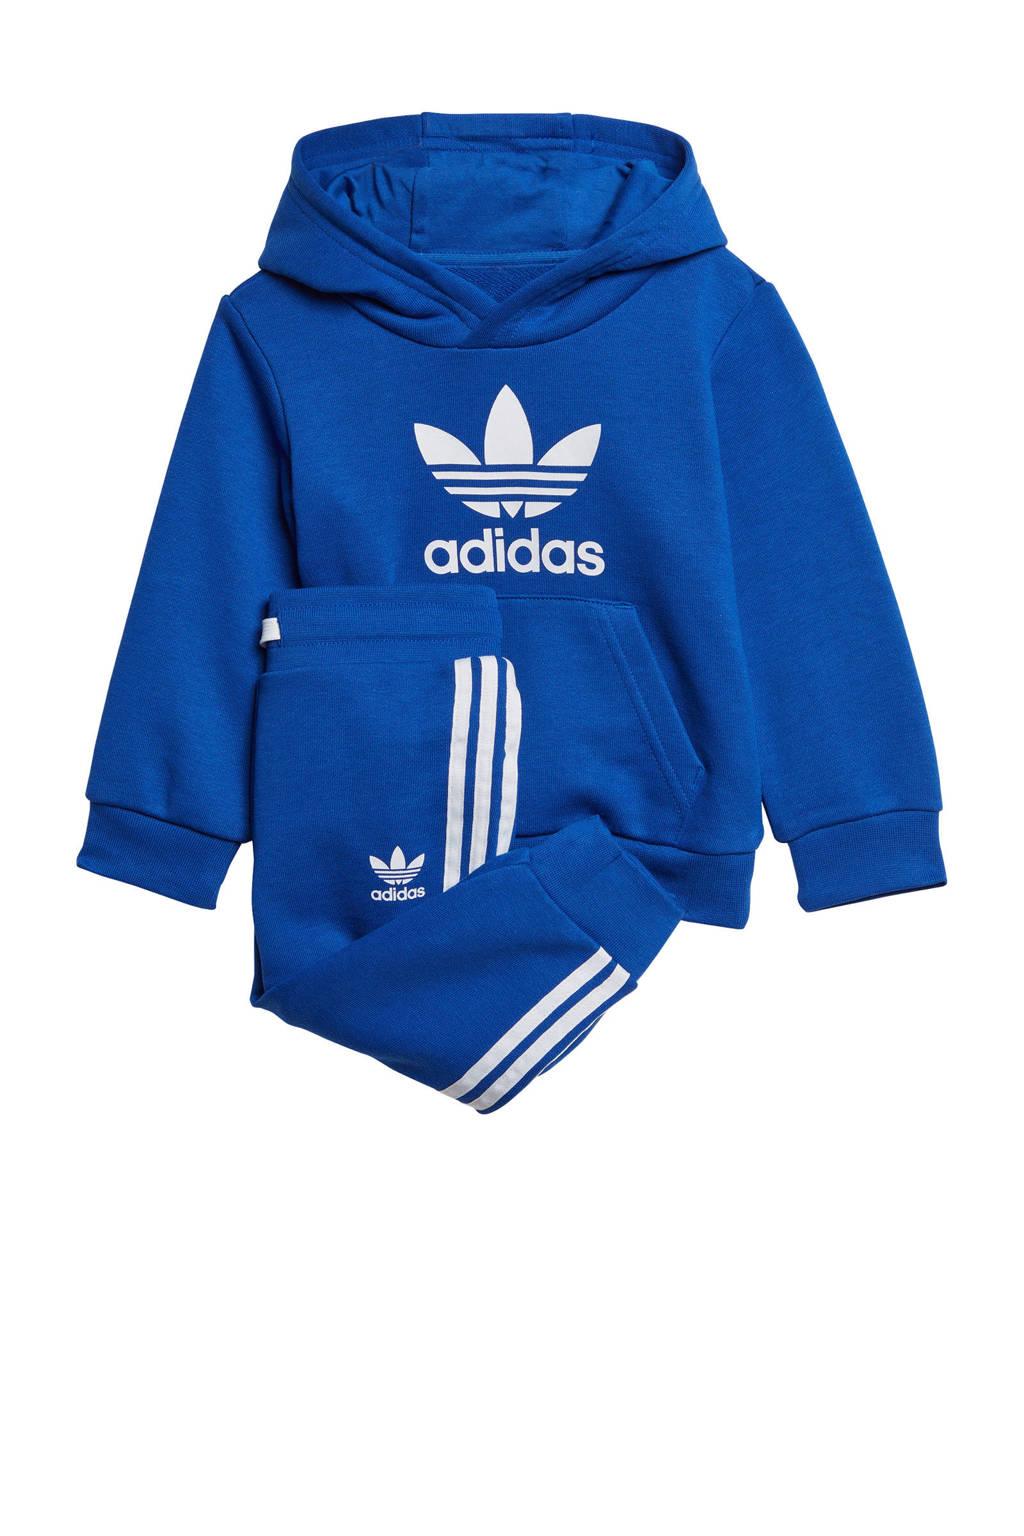 adidas Originals   trainingspak blauw, Blauw